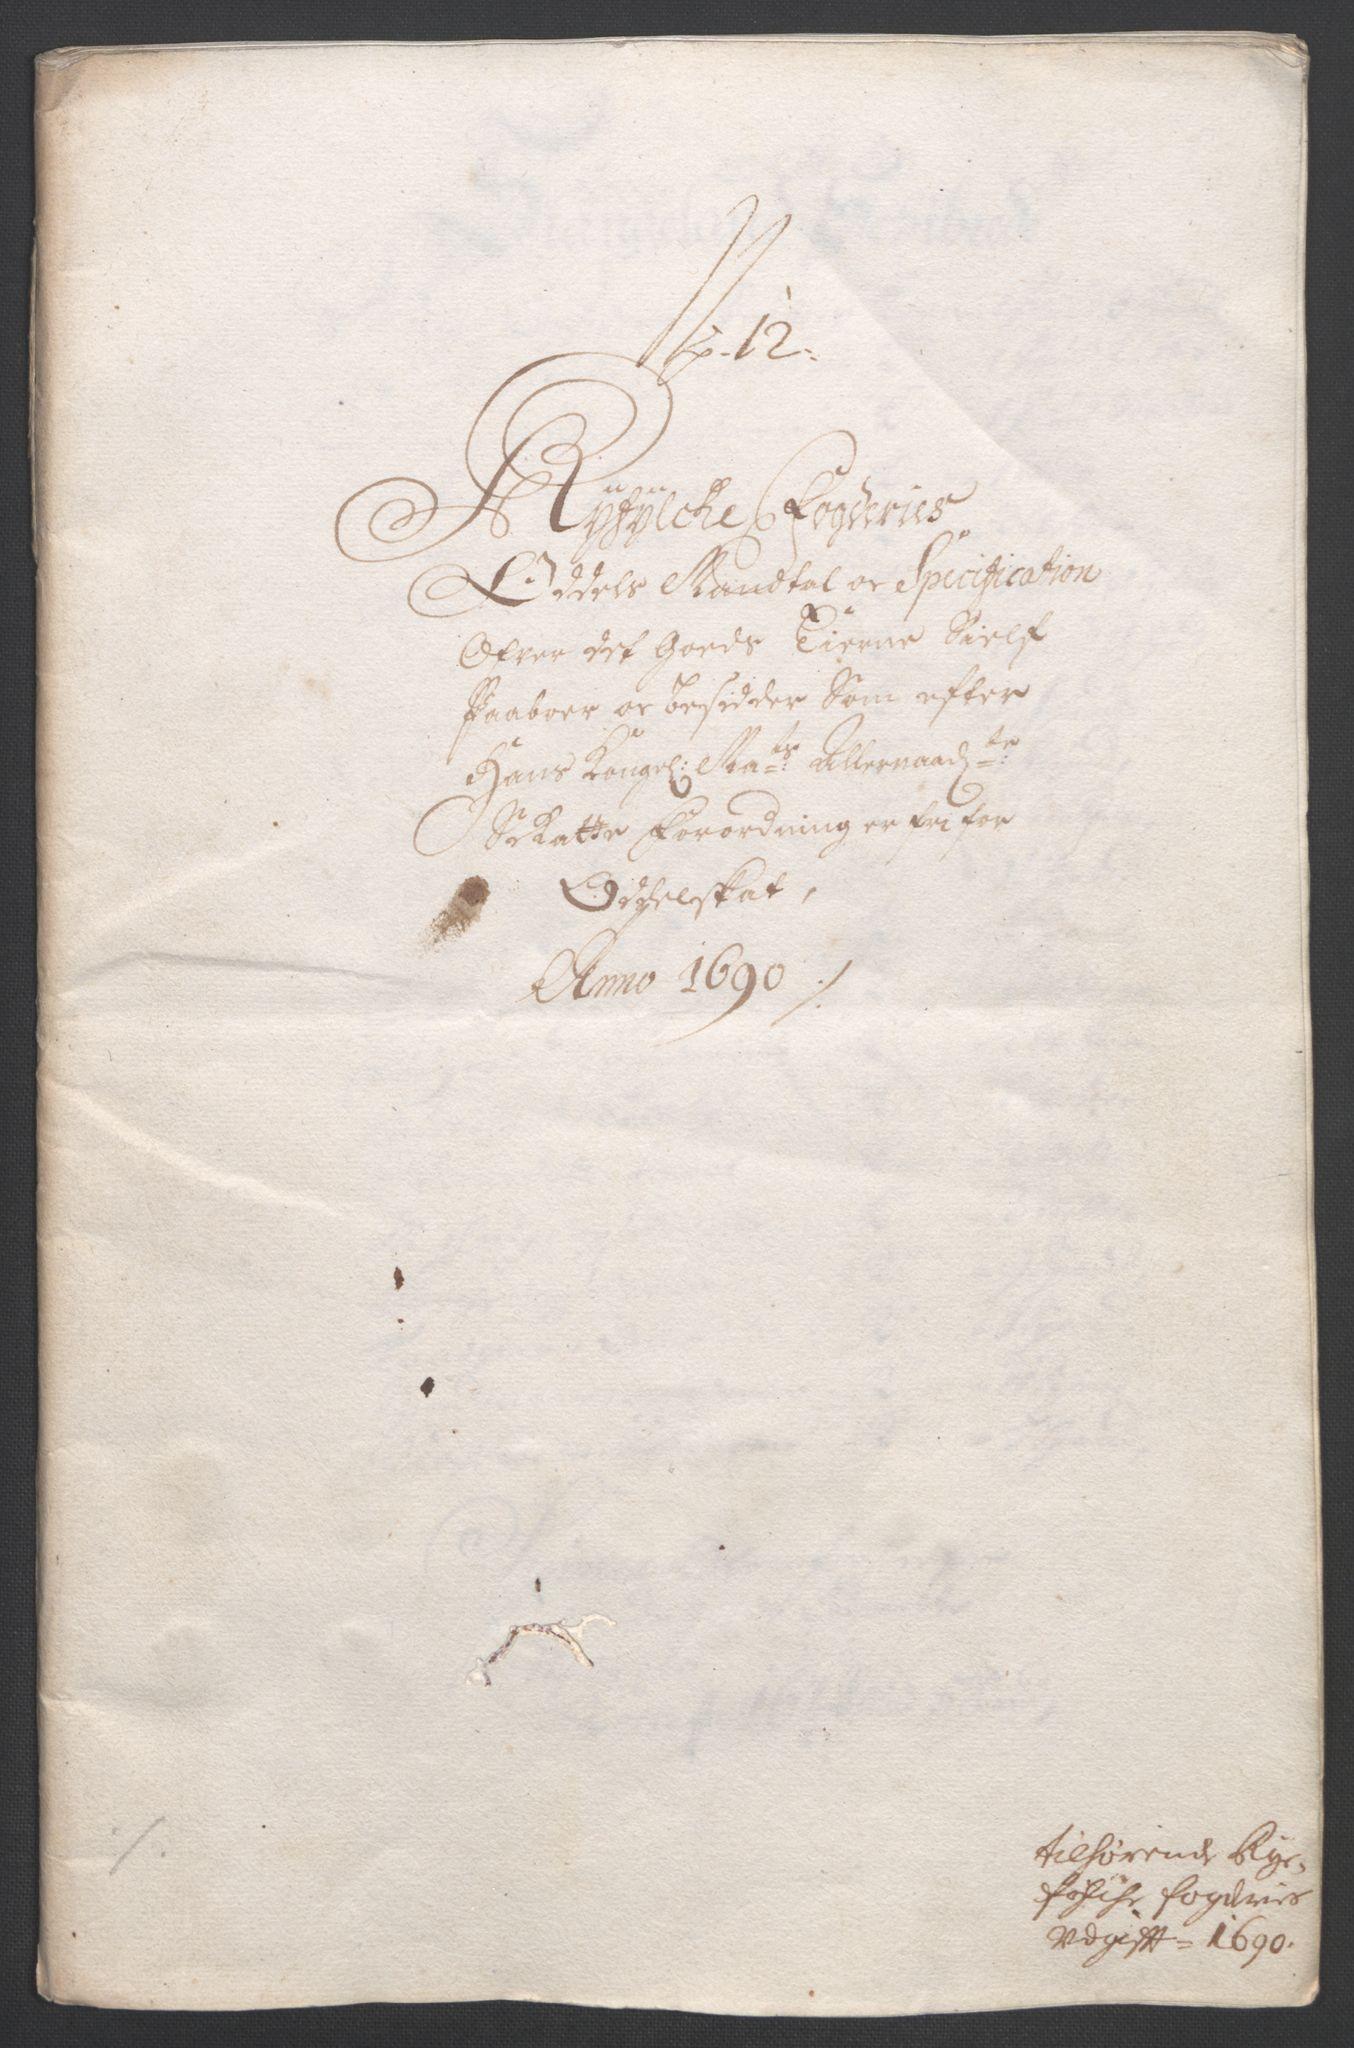 RA, Rentekammeret inntil 1814, Reviderte regnskaper, Fogderegnskap, R47/L2856: Fogderegnskap Ryfylke, 1689-1693, s. 244